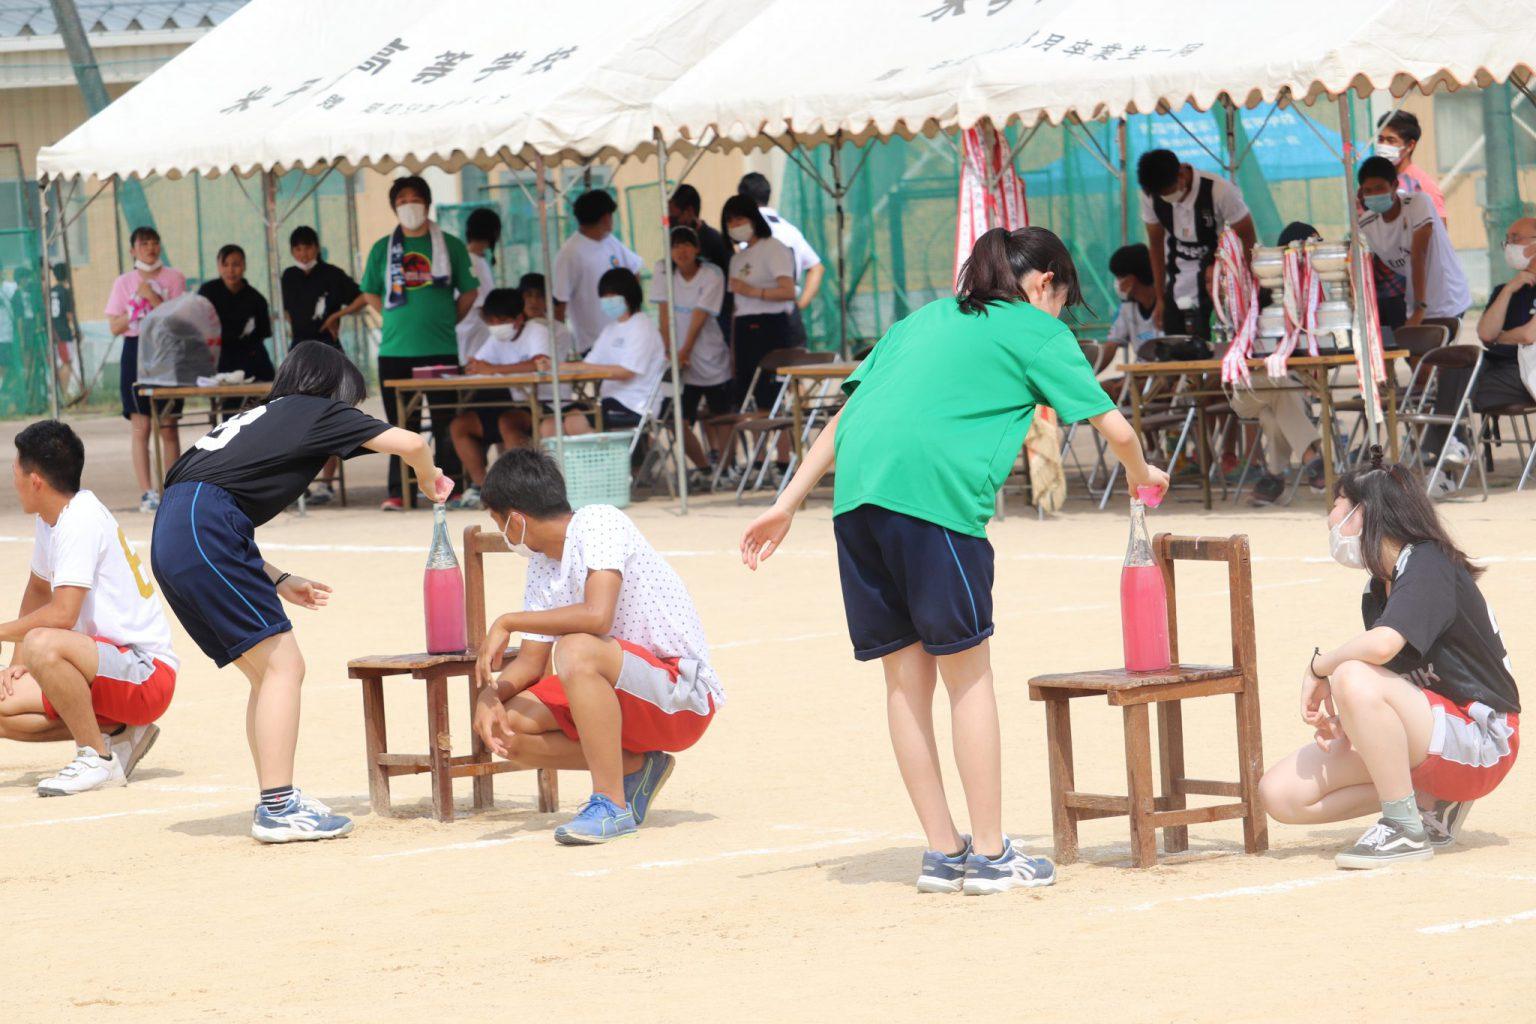 令和2年度体育祭を行いました。